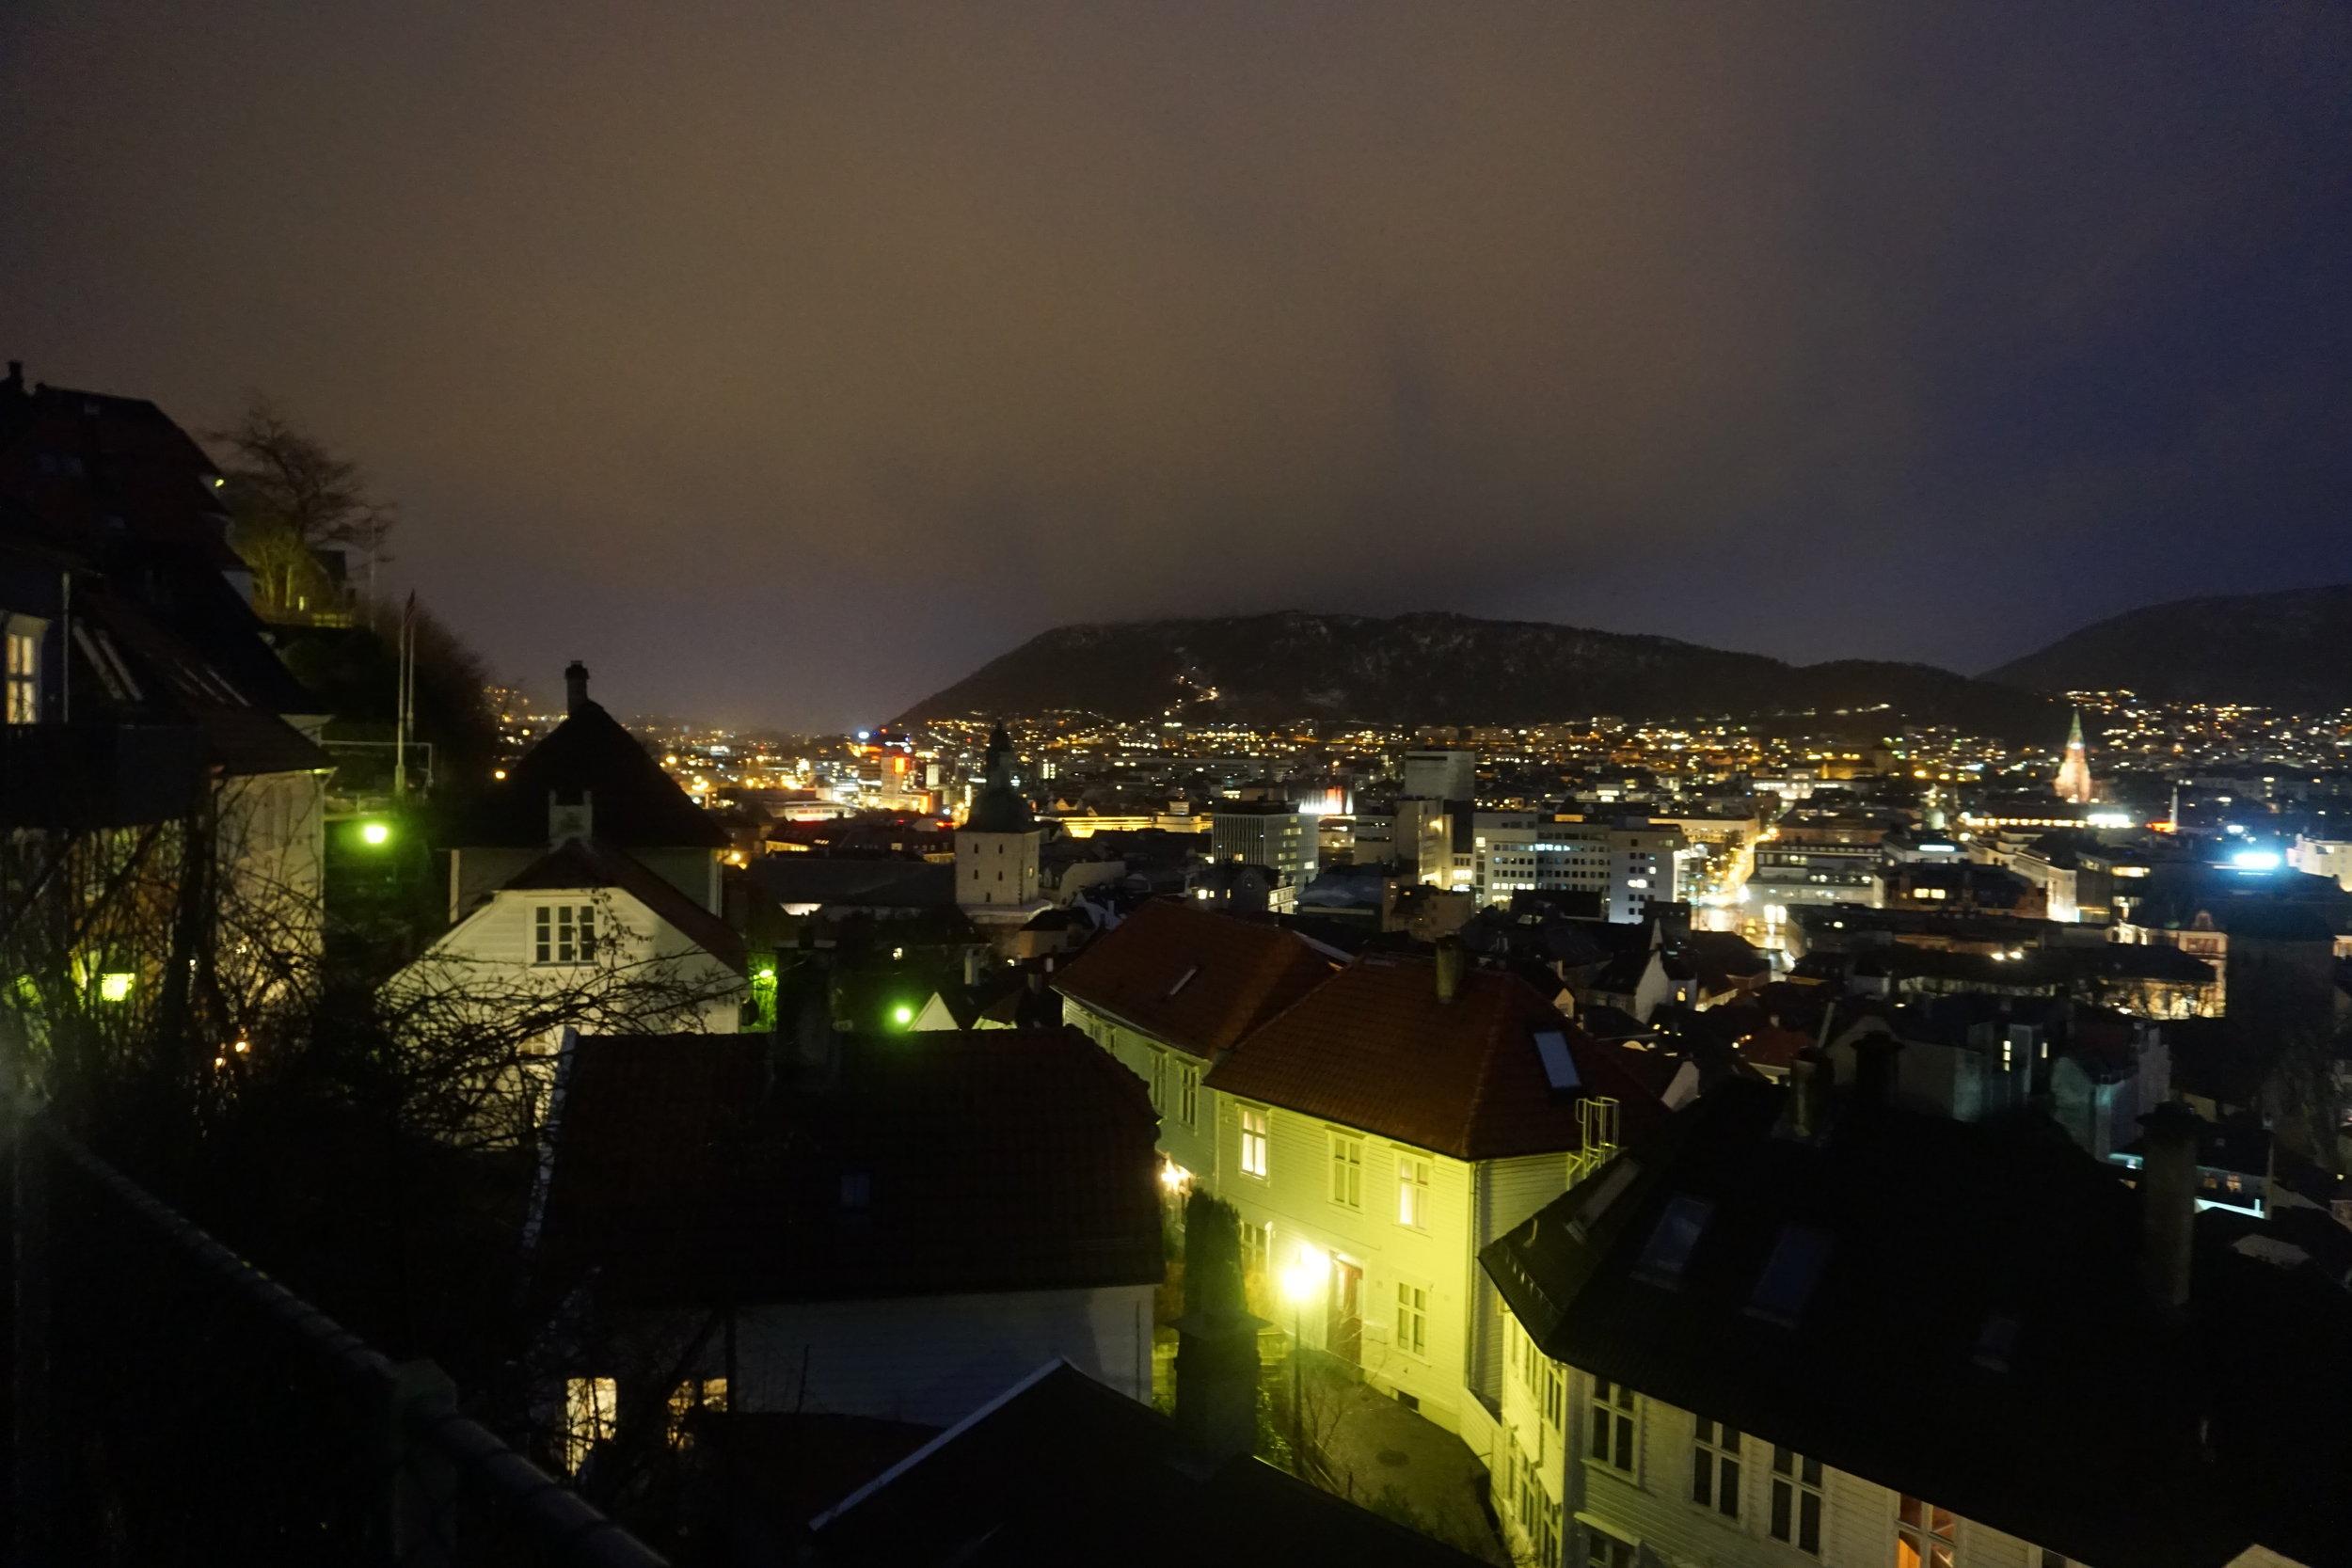 When we arrived, Bergen was still asleep but her beauty was awake.